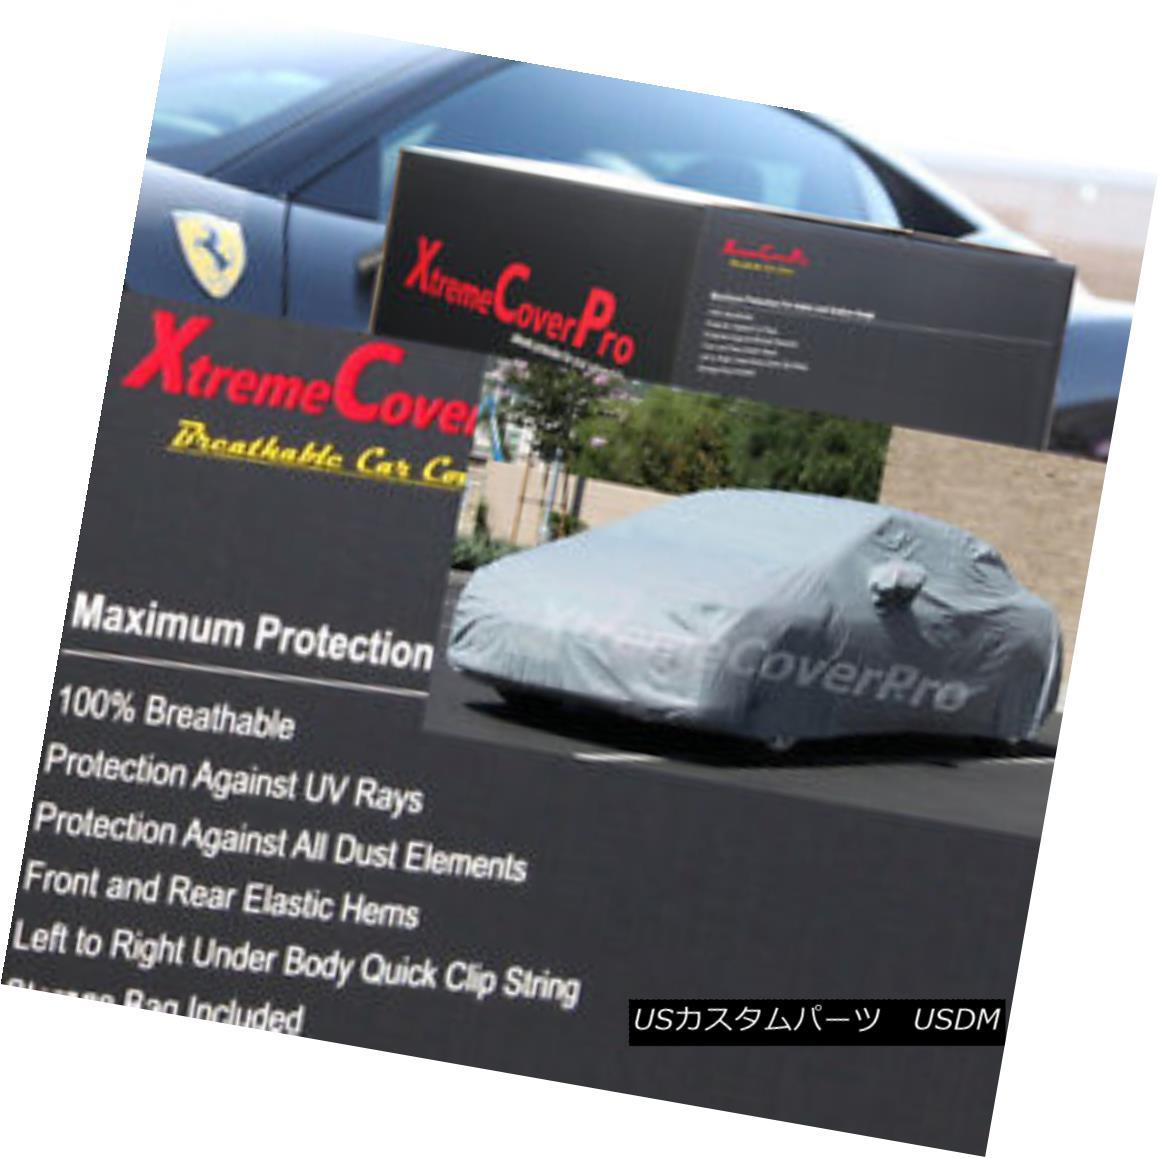 カーカバー 2013 Chrysler 200 Sedan Breathable Car Cover w/MirrorPocket MirrorPocketを搭載した2013年クライスラー200セダン通気性車カバー